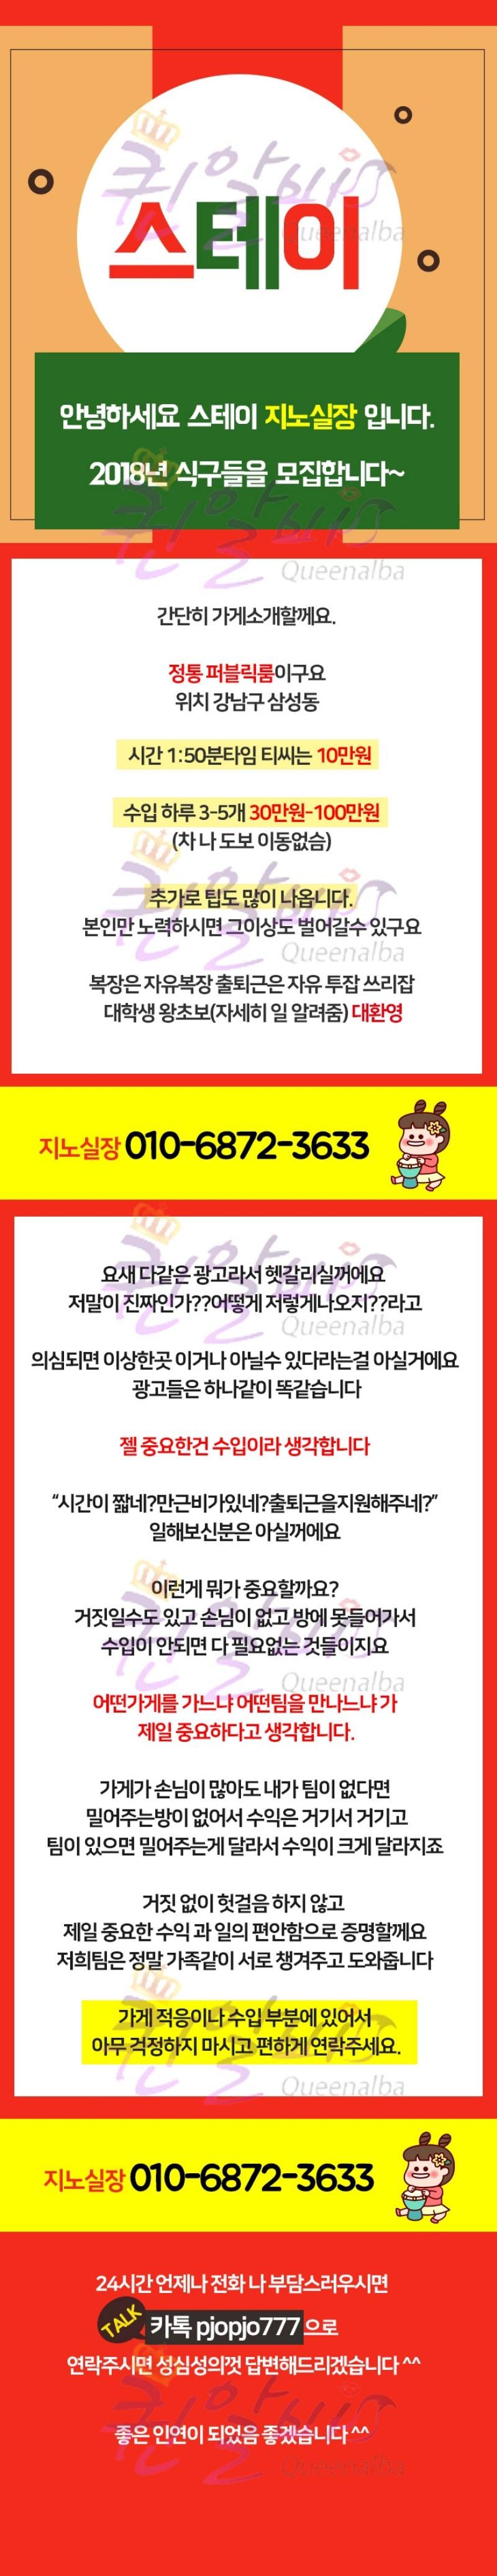 강남밤알바 - soraalba.net - 소라알바